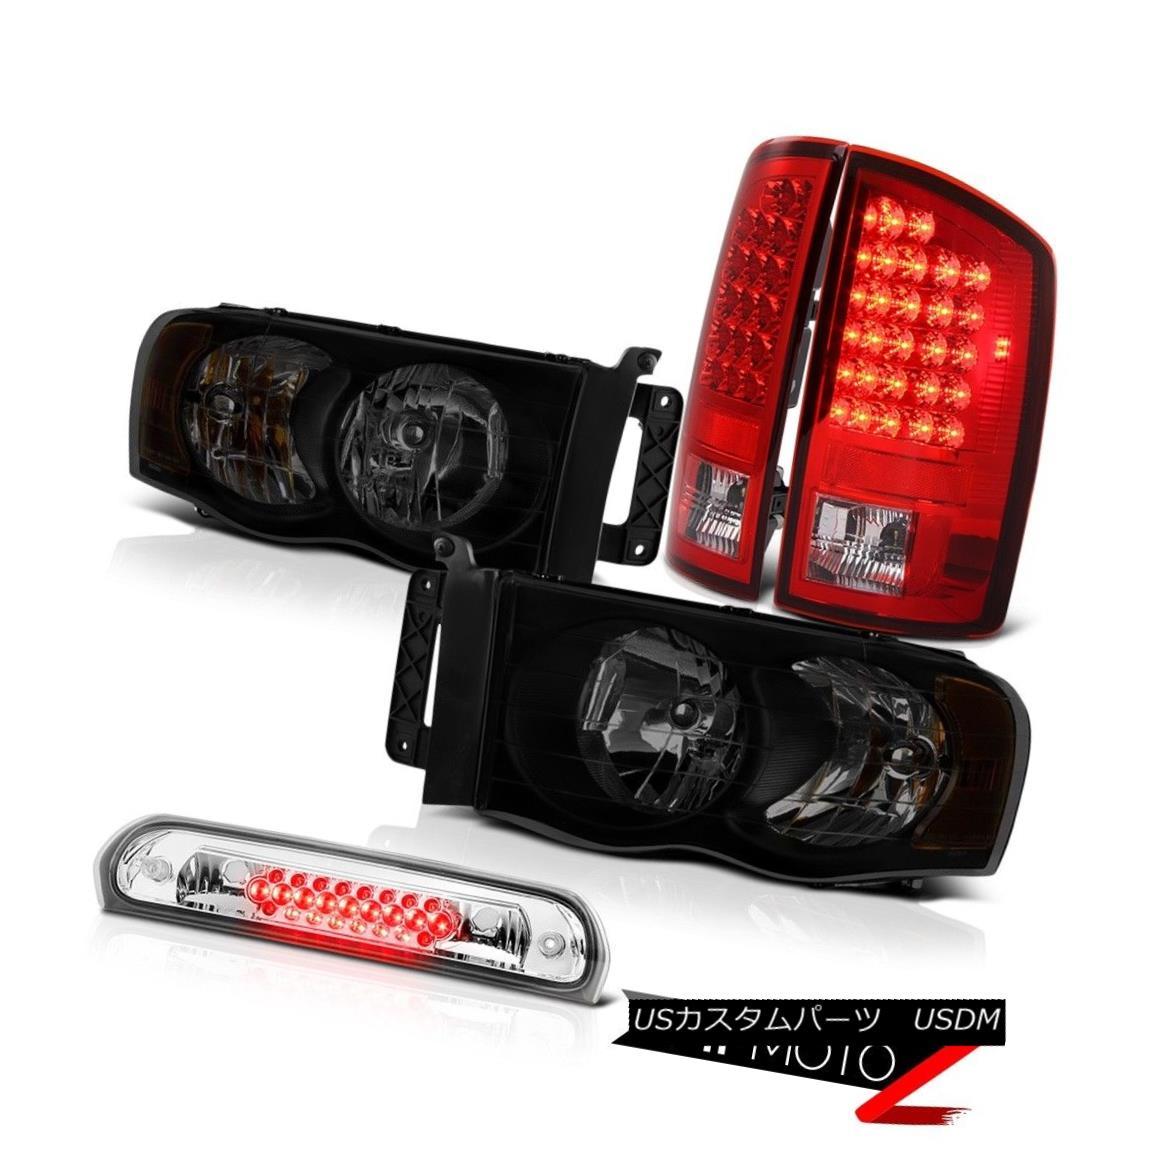 テールライト 02-05 Ram 1500 2500 3500 Ws Headlamps Clear Chrome Roof Cab Lamp Red Taillights 02-05 Ram 1500 2500 3500 Wsヘッドランプクリアクローム屋根キャブランプレッドティール